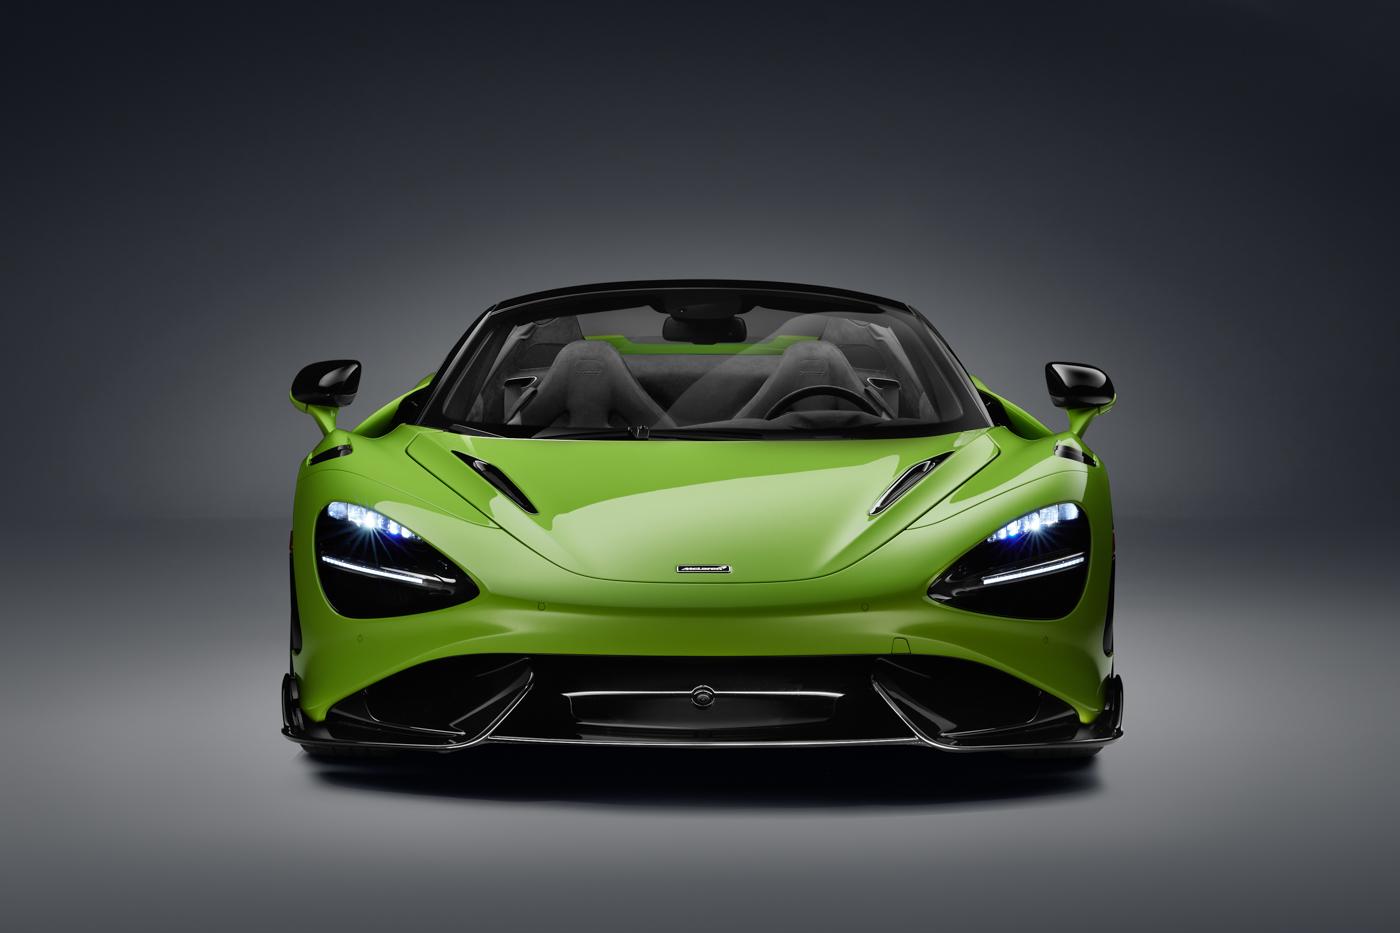 McLaren-765-LT-Spider-siêu-xe-mui-trần-hiệu-năng-cao-dẫn-đầu-phân-khúc-41.jpg